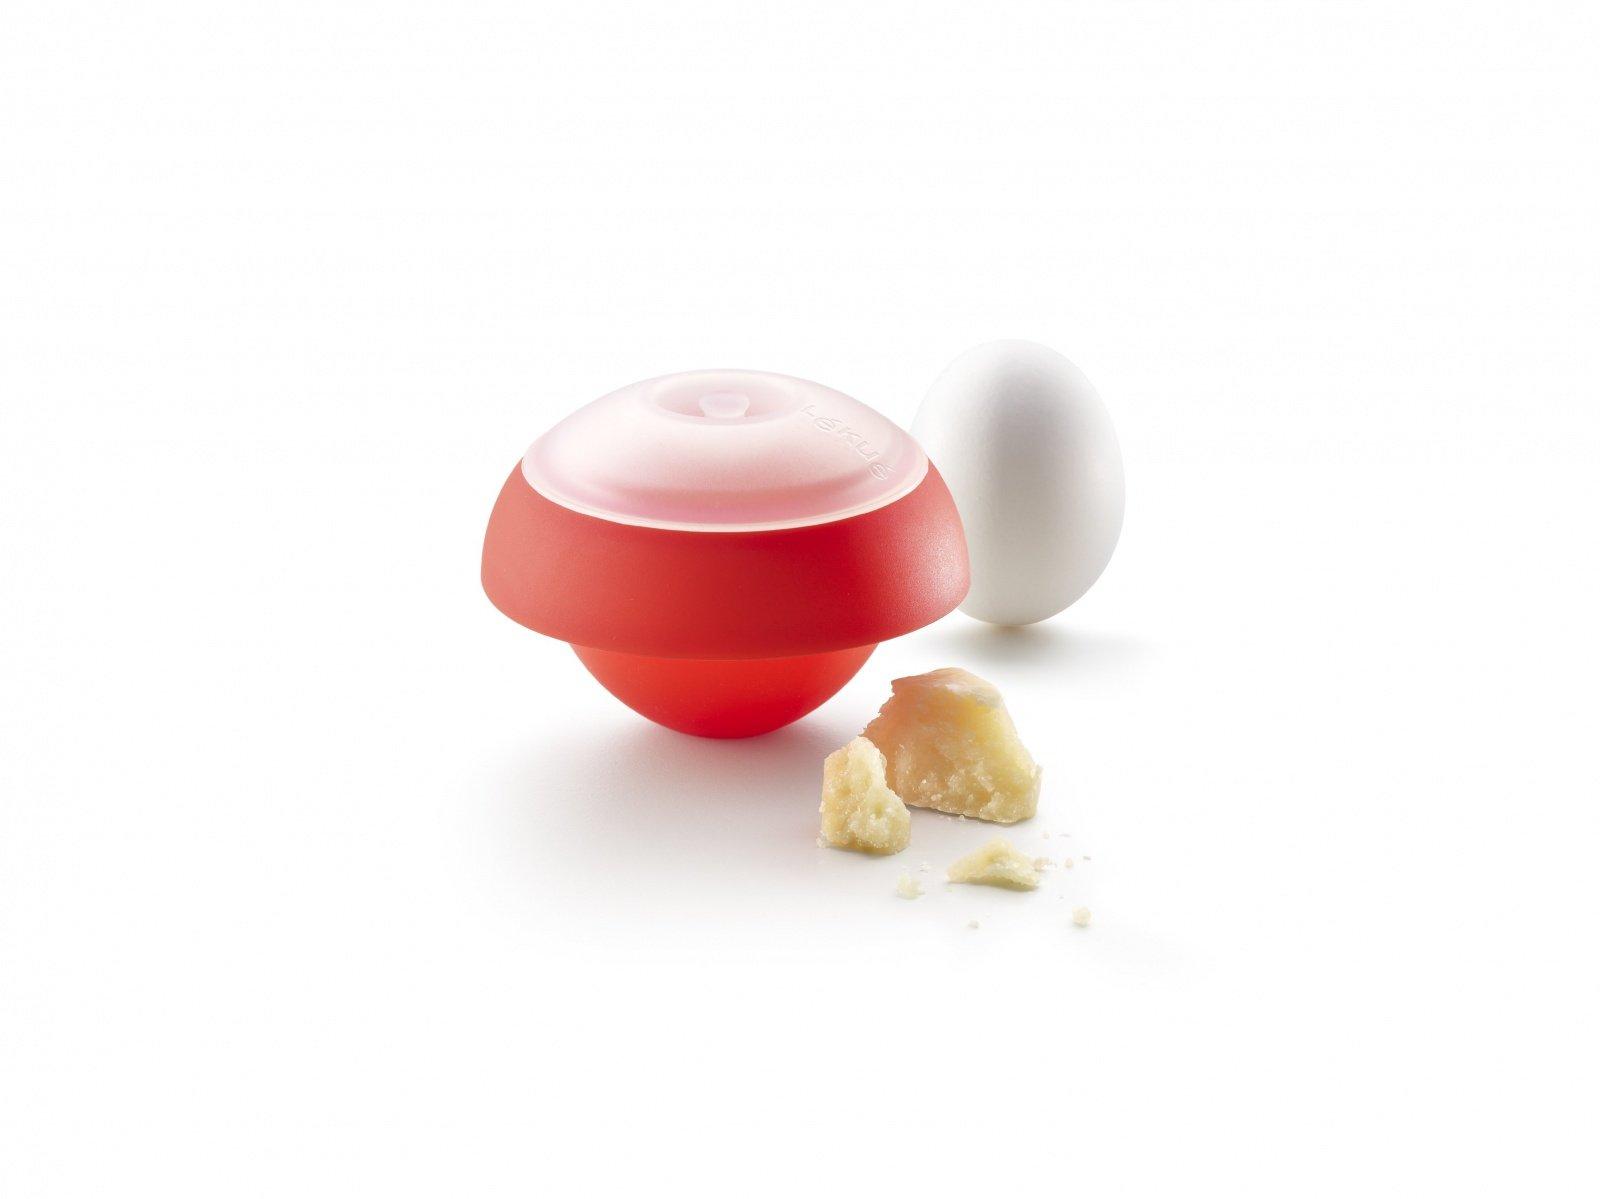 Яйцо-минутка Lekue, форма шара, красный